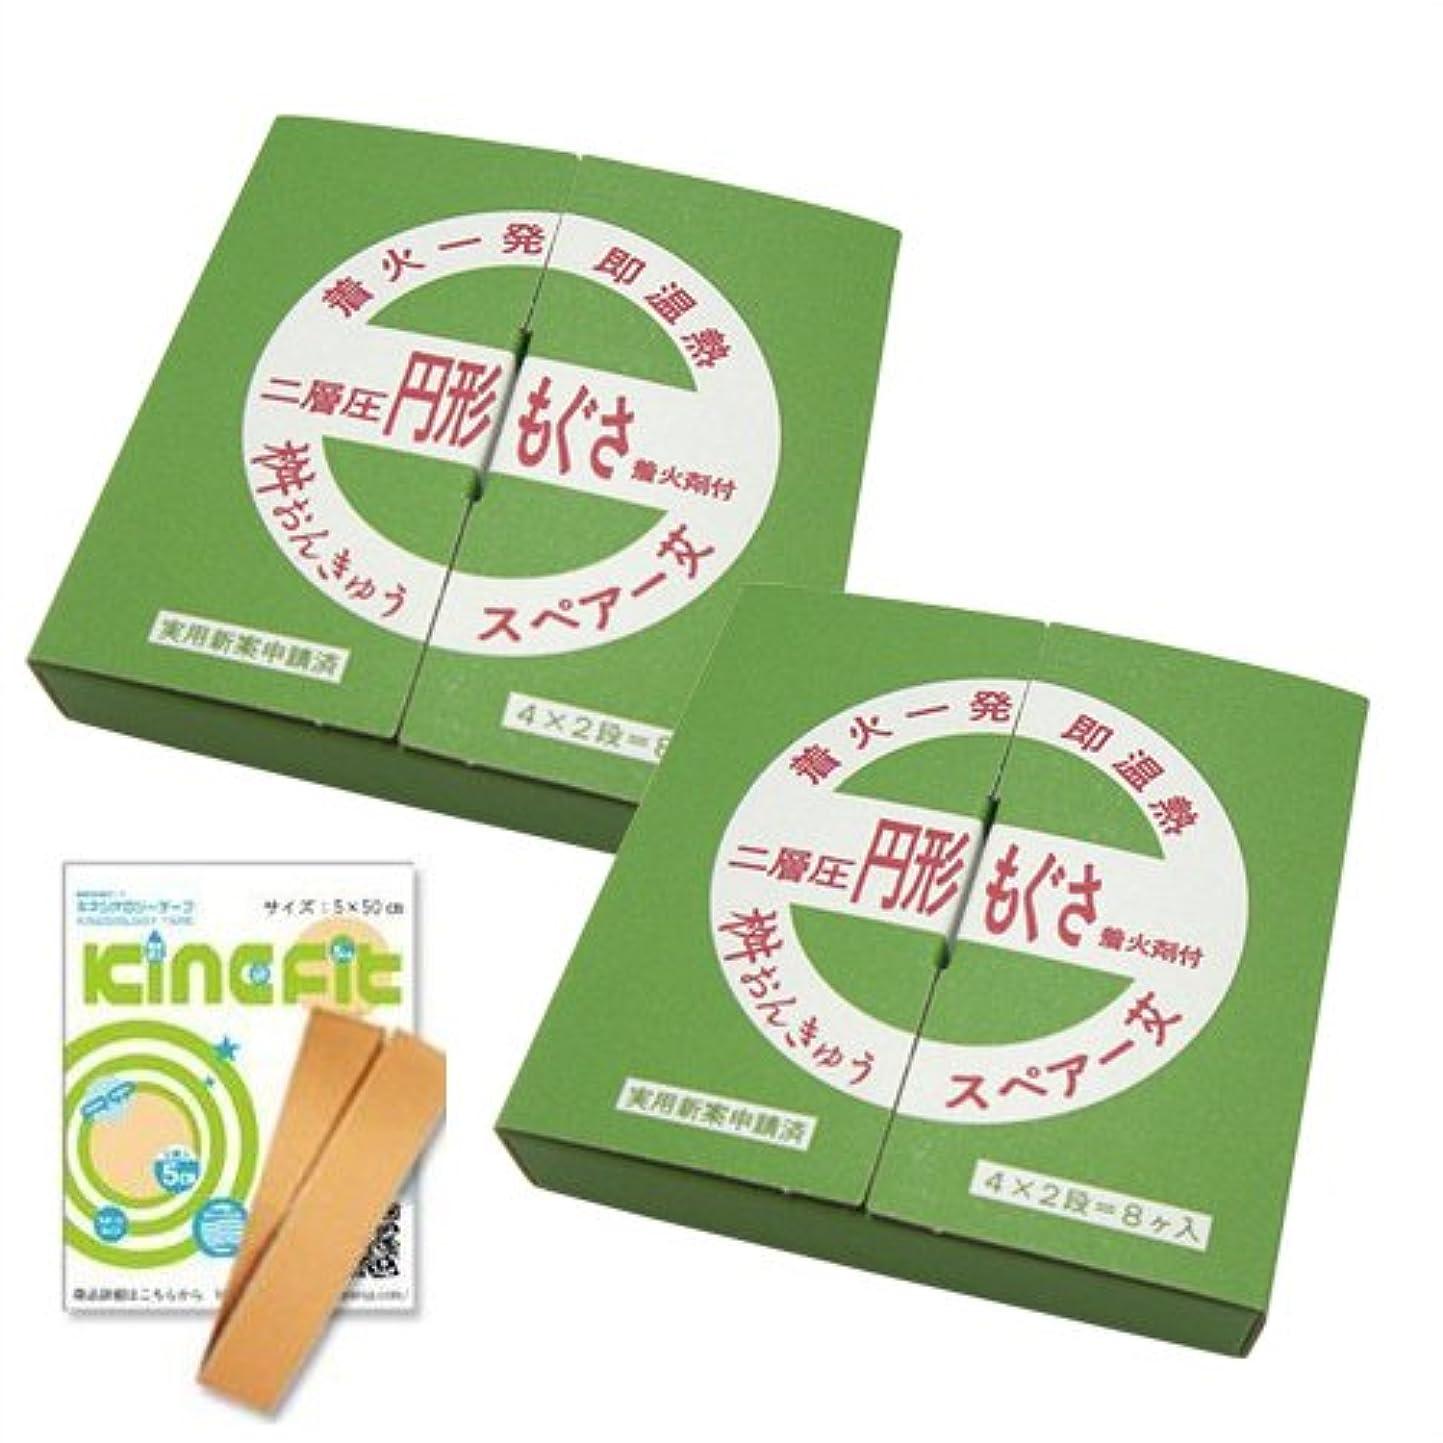 バクテリアそれに応じてシンプルさ桝おんきゅう用スペアもぐさ 円形もぐさ(8ケ) ×2箱セット + お試し用キネシオロジーテープ キネフィット50cm セット